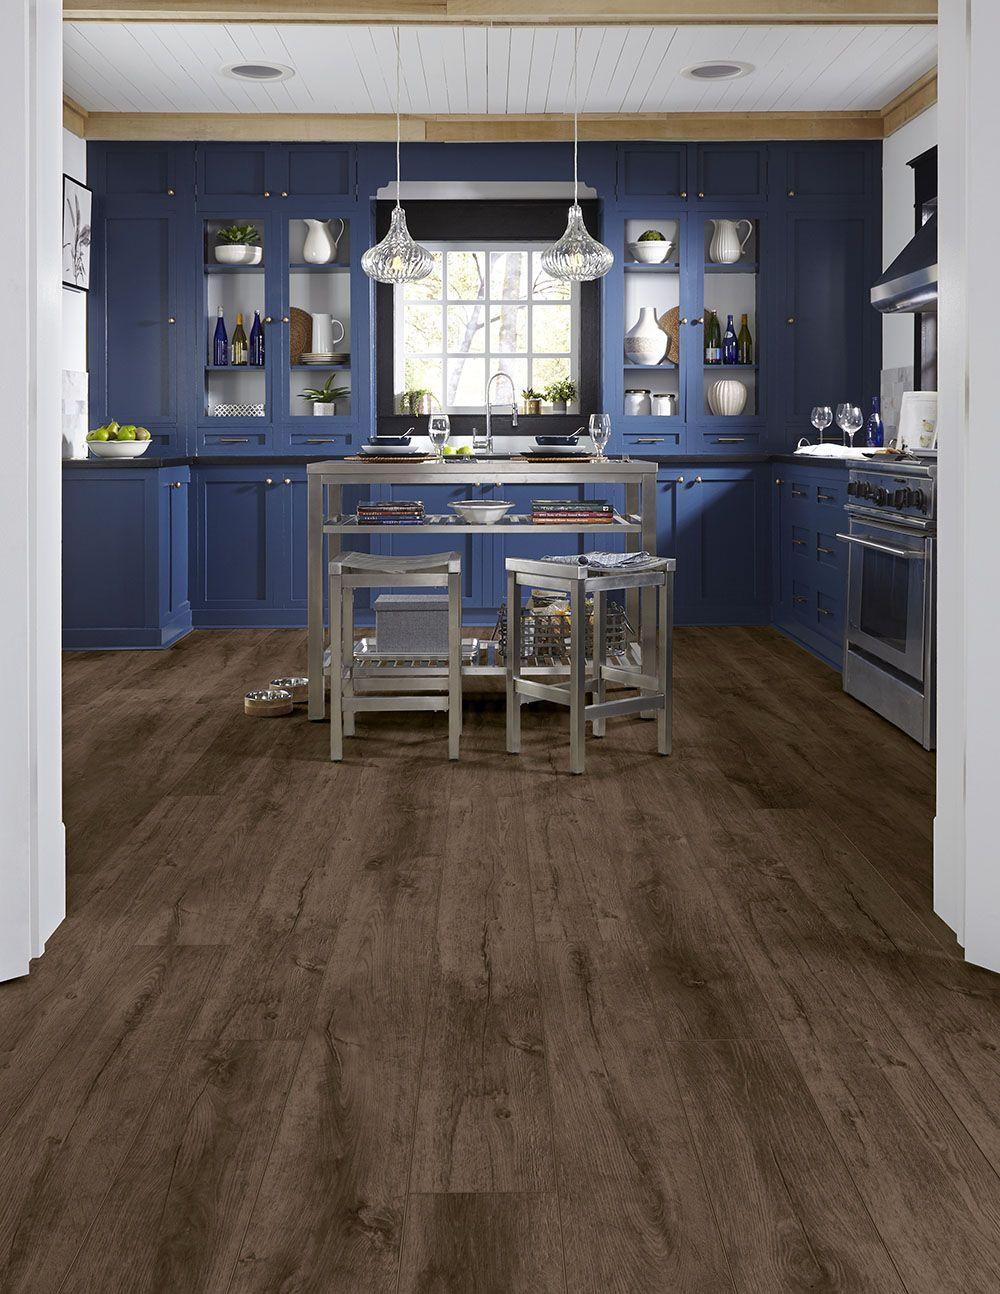 Waterproof Laminate Flooring Canada, Waterproof Laminate Flooring Canada